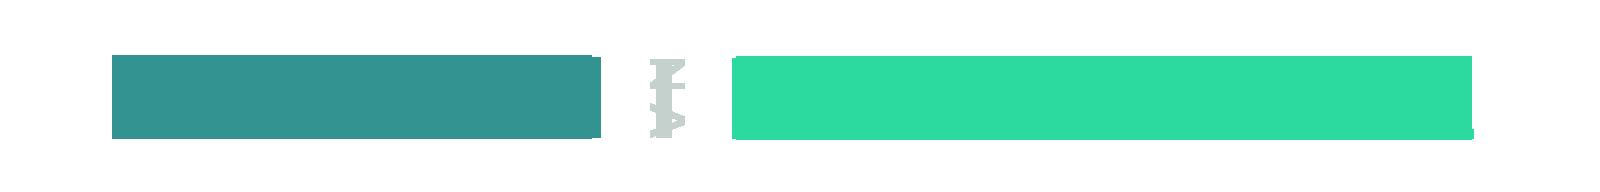 Фонбет букмекерская контора казань онлайн